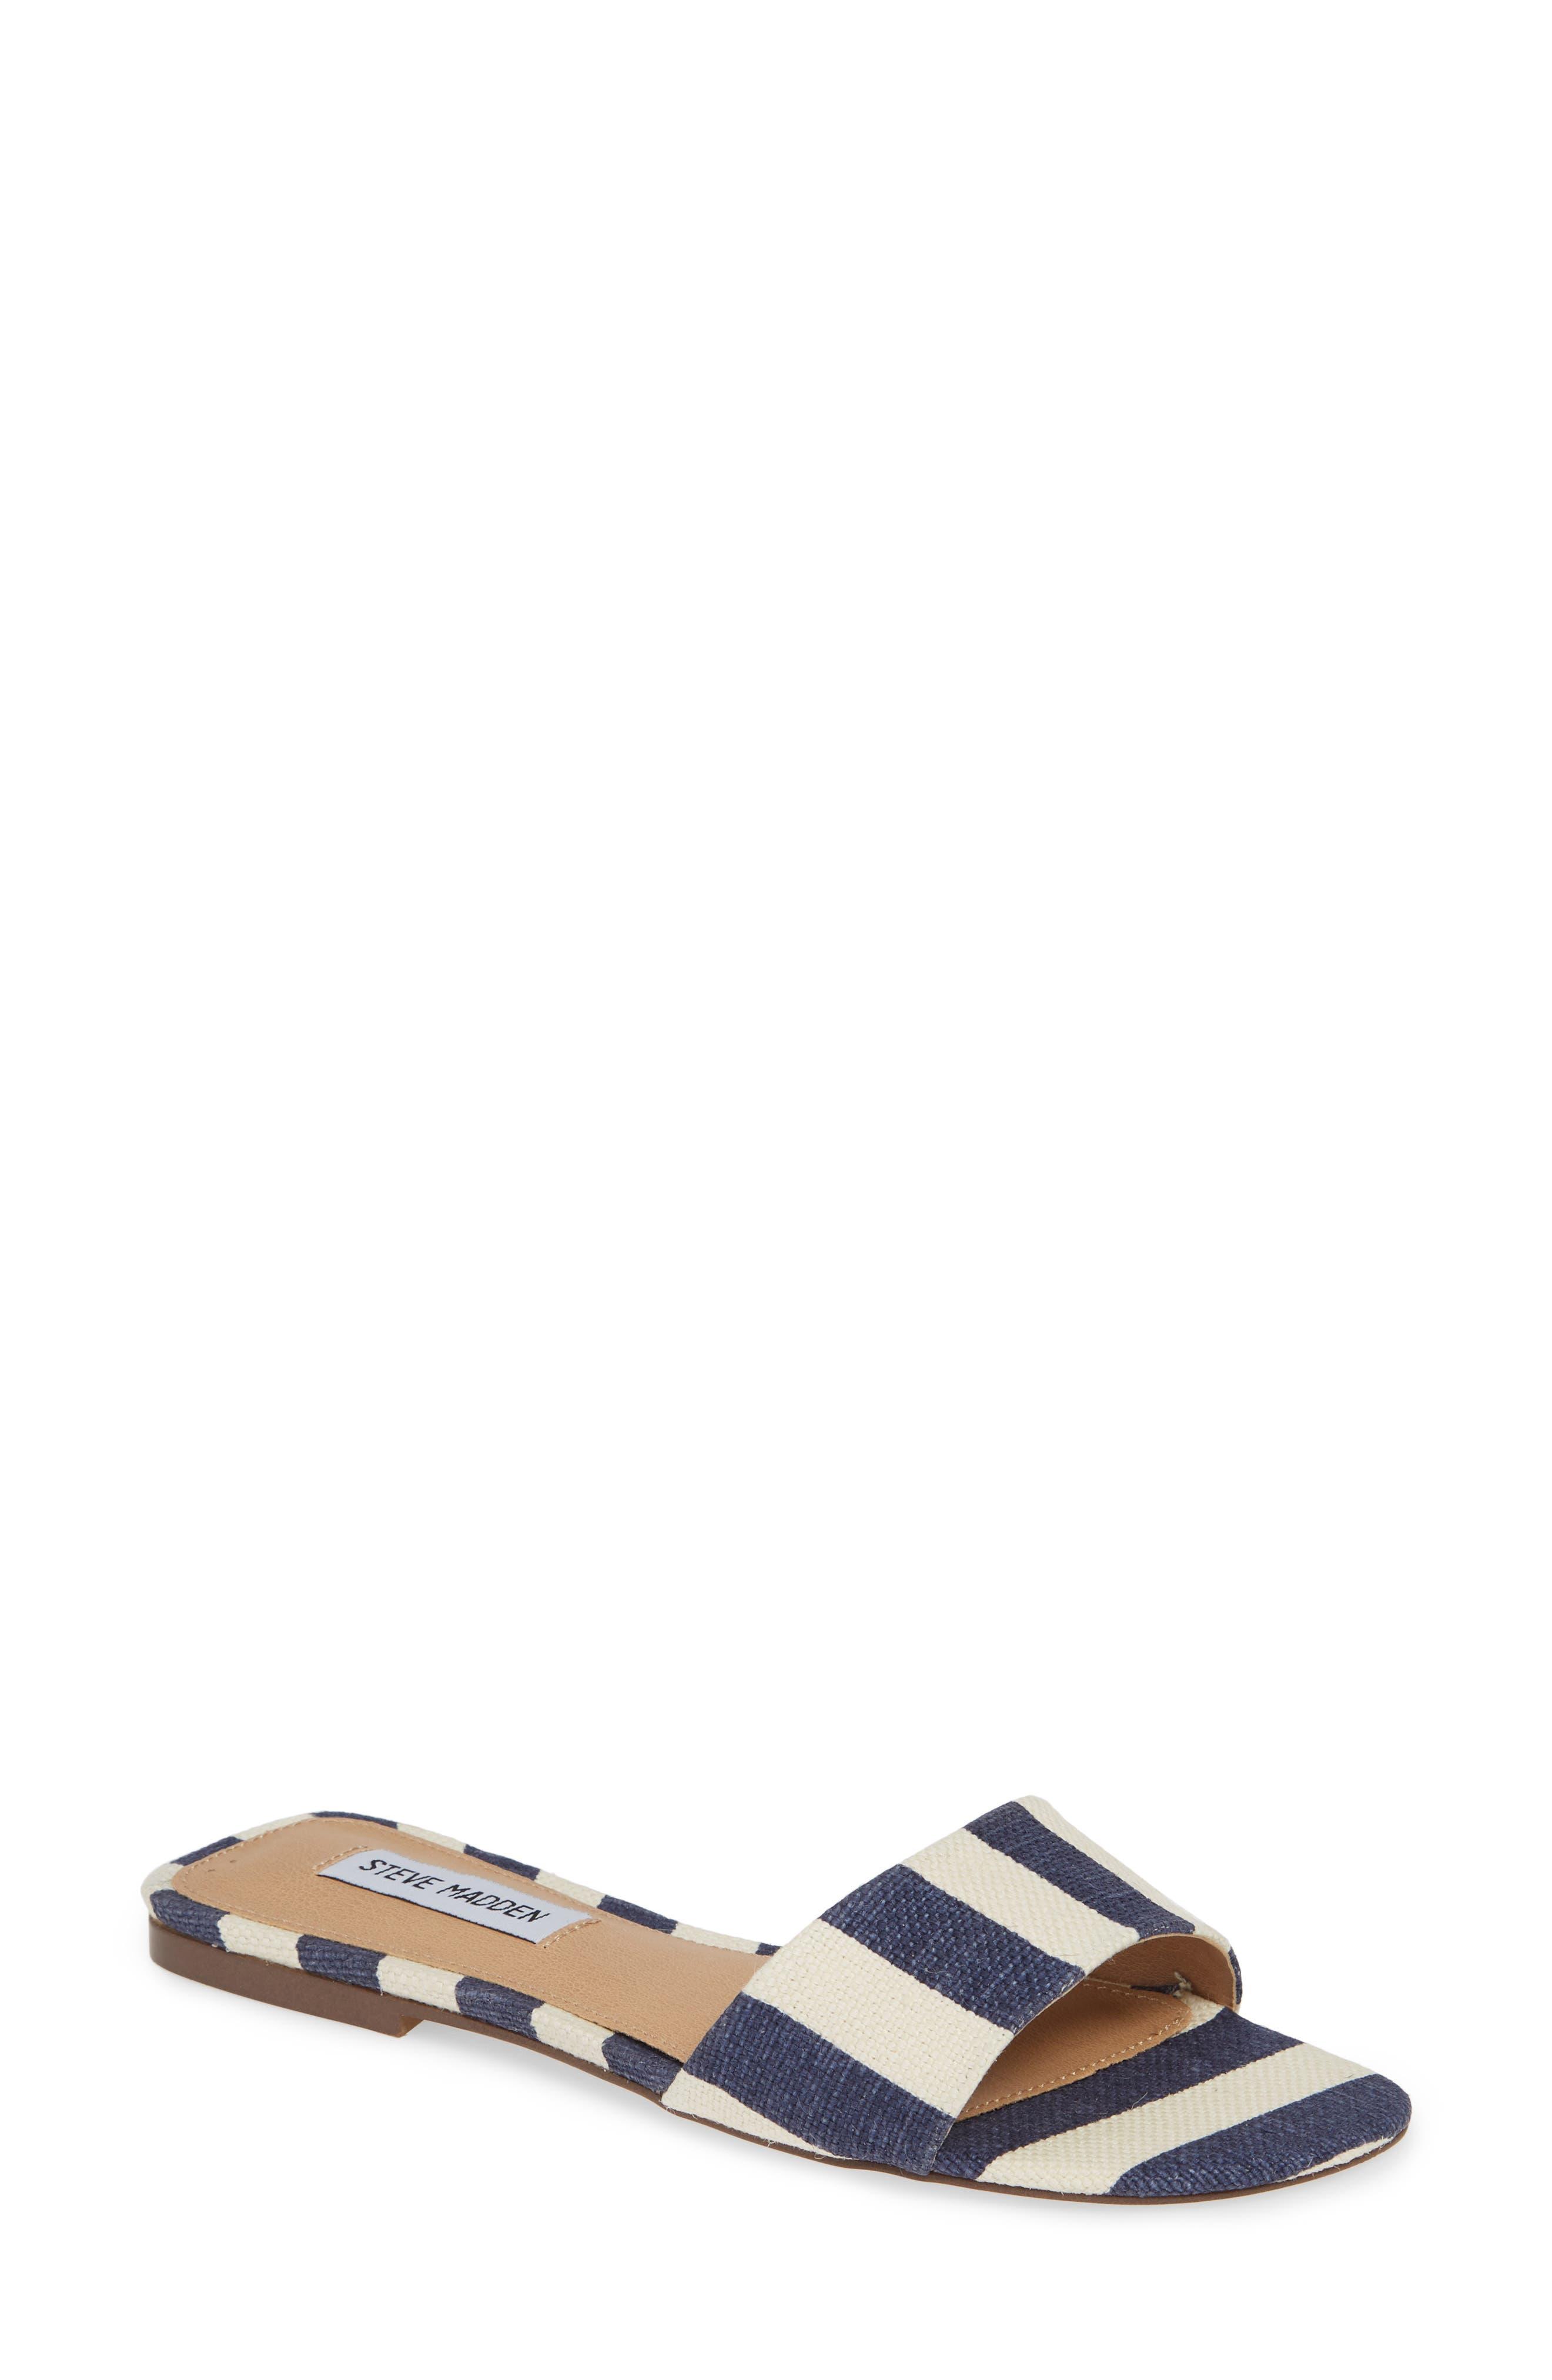 Steve Madden Bev Slide Sandal- Blue